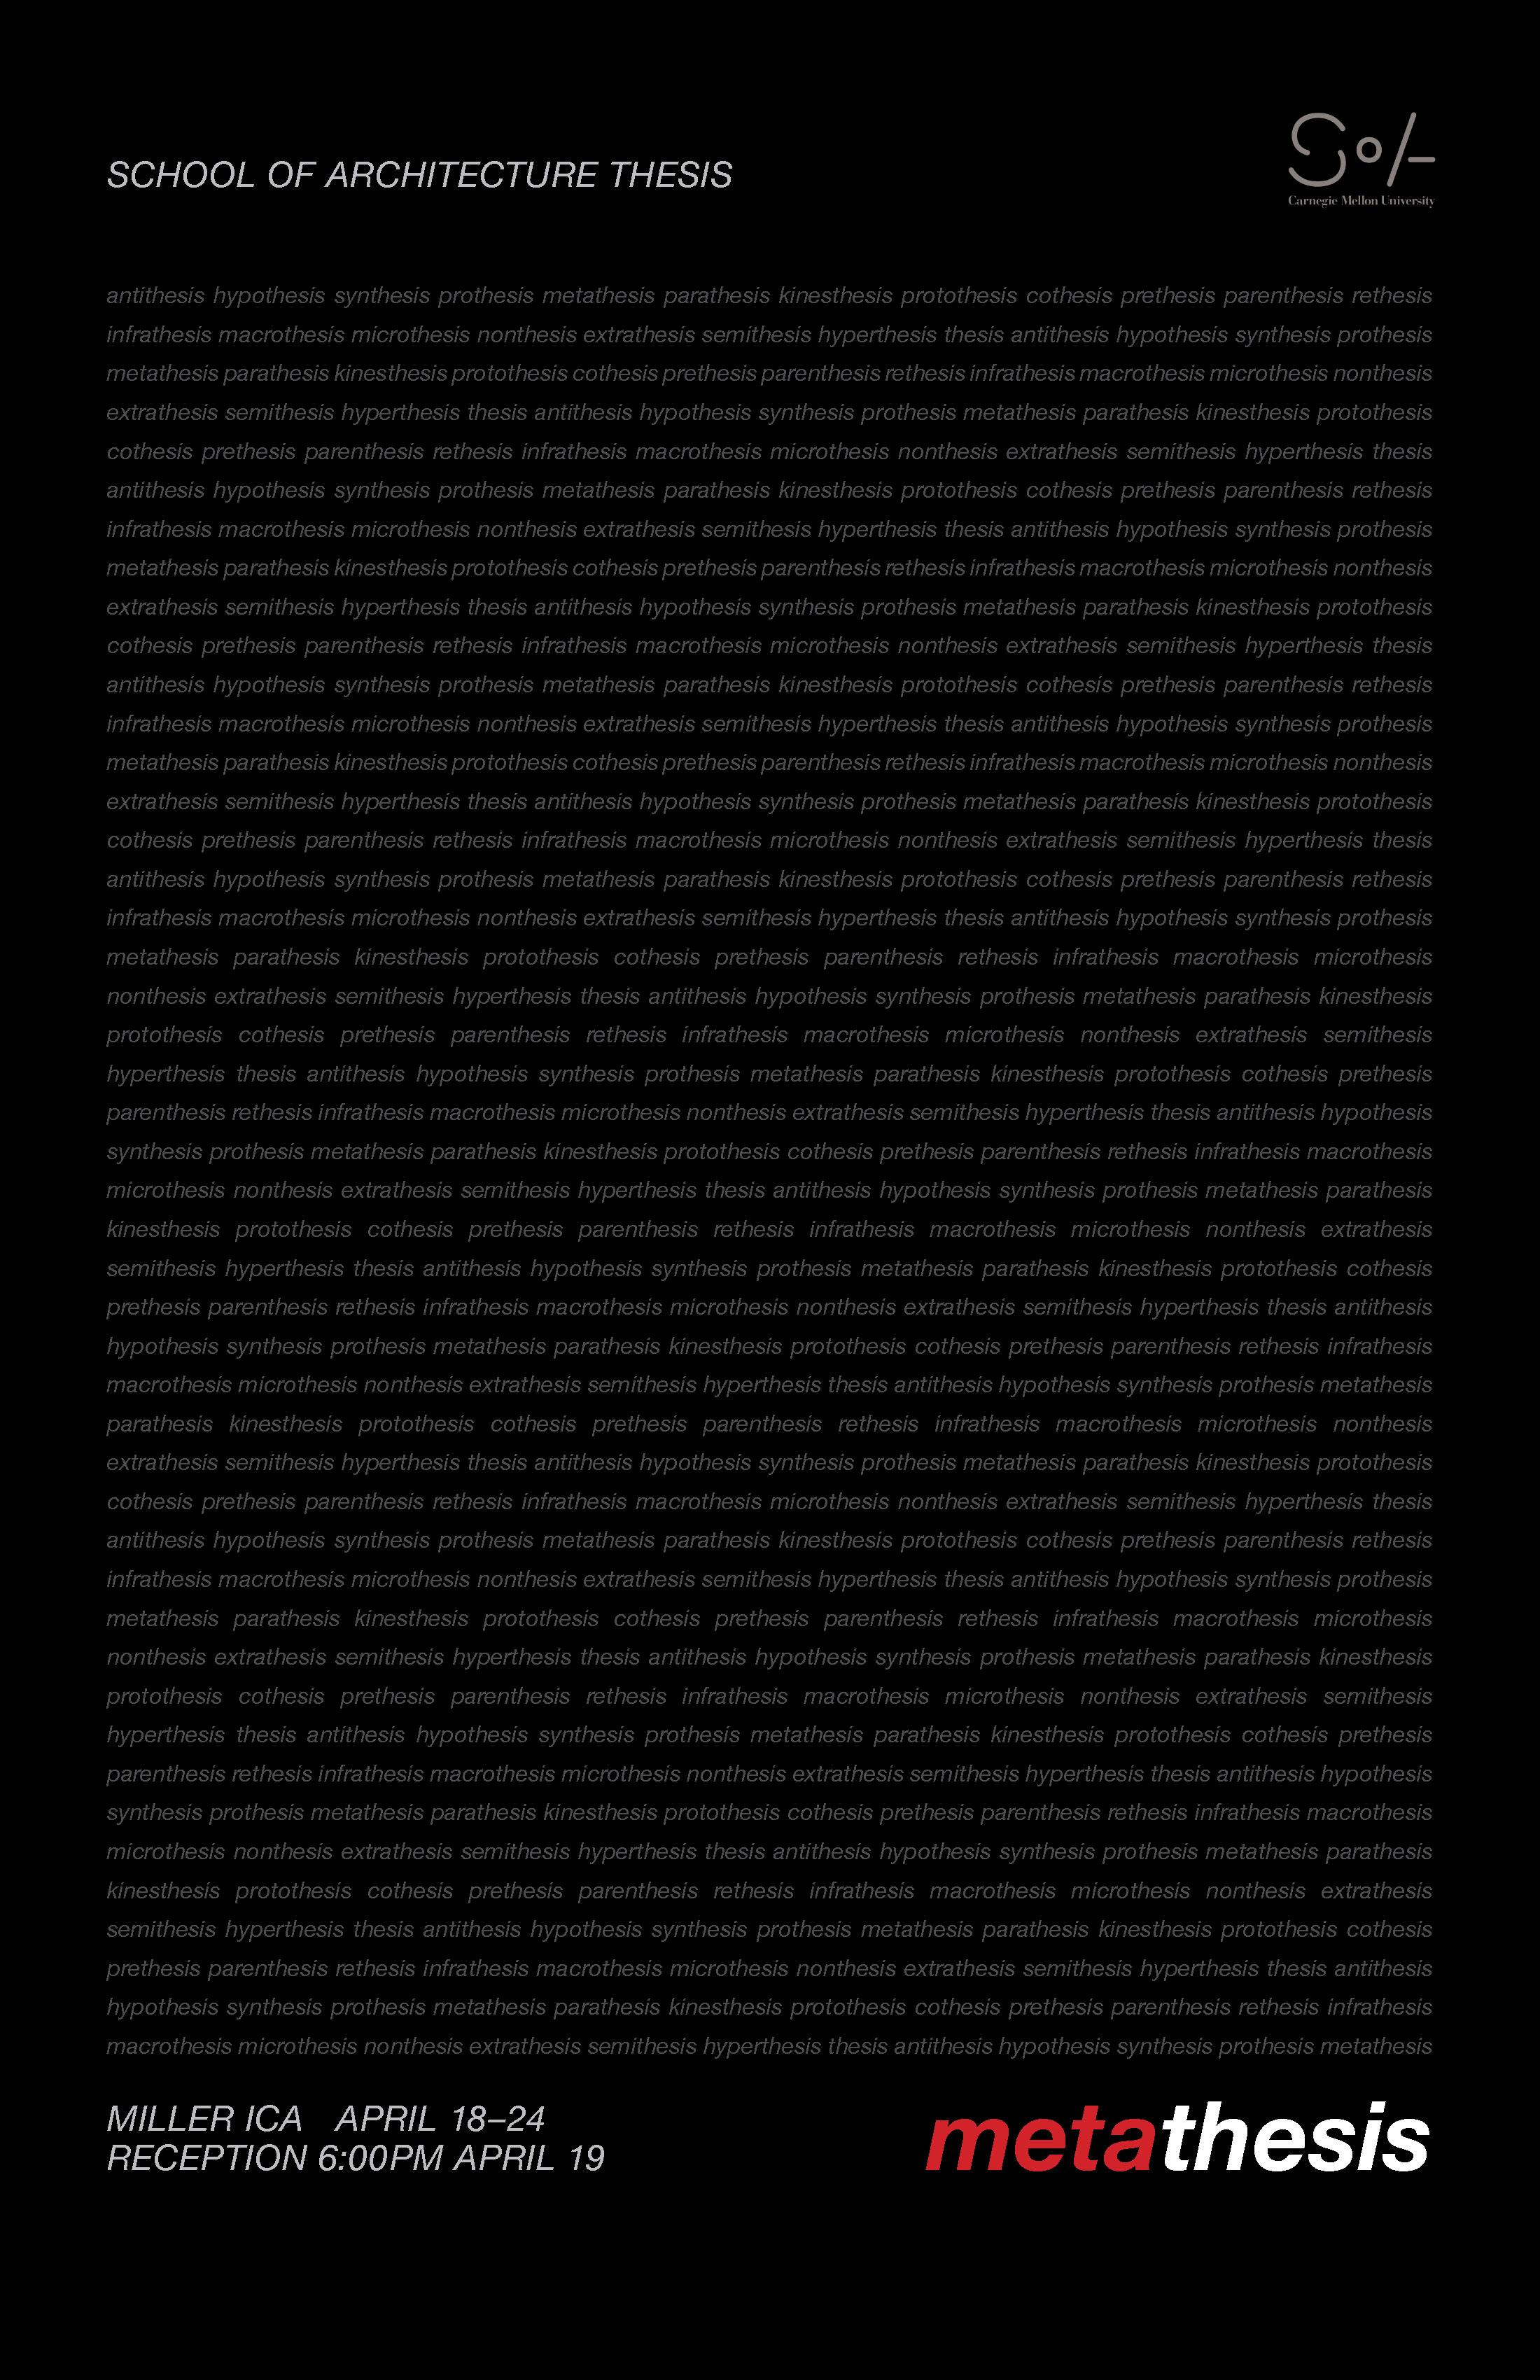 Metathesis Poster_FINAL_Page_1.jpg